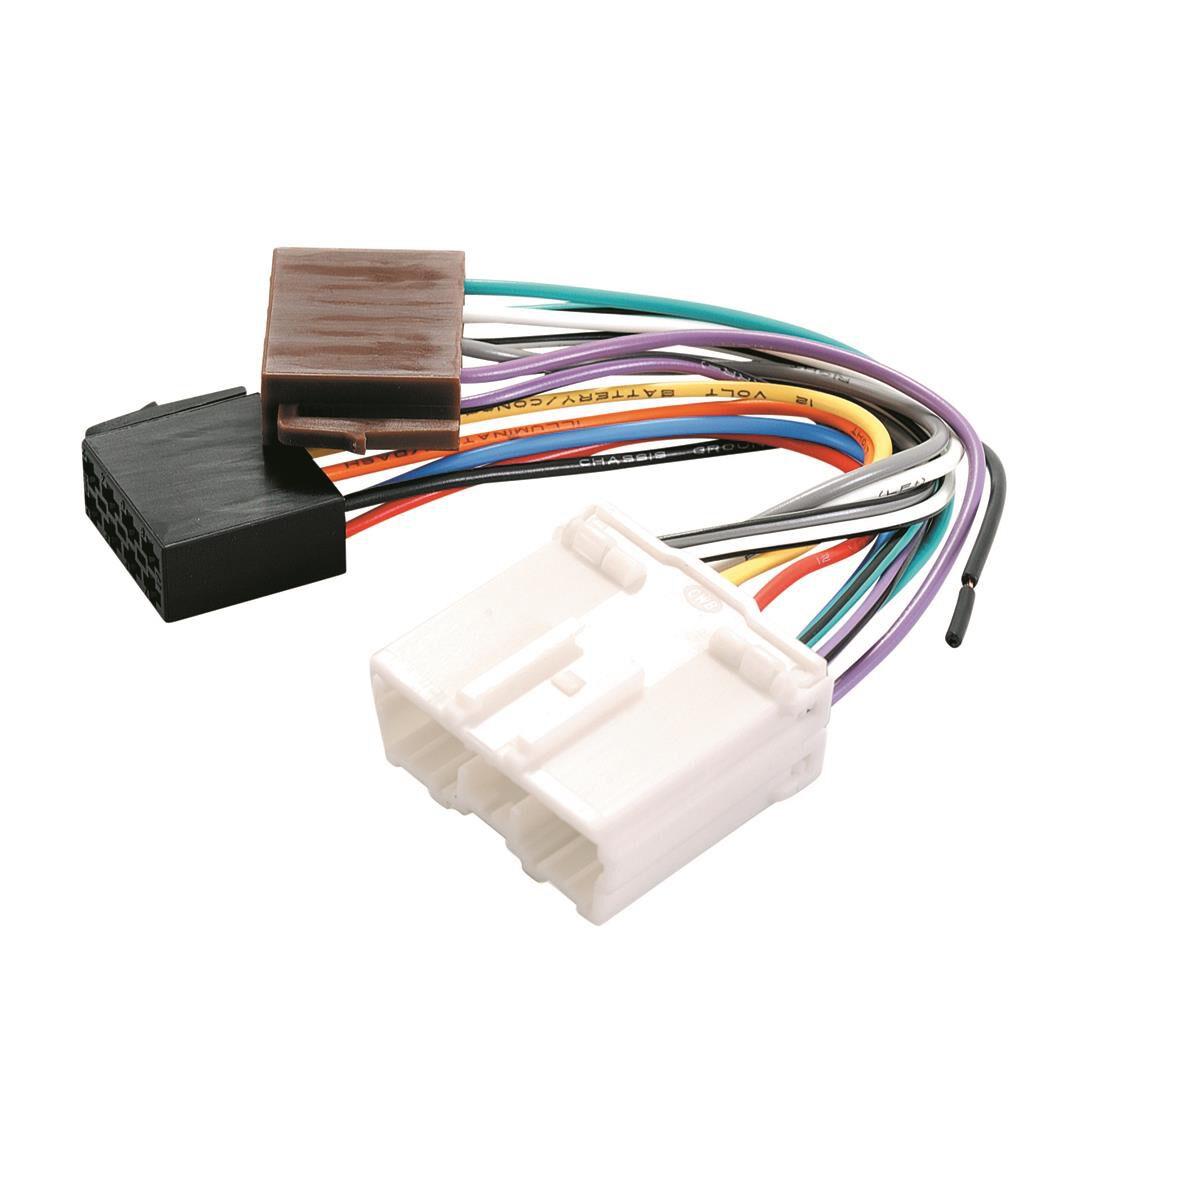 0002061101-03-W0 Pack of 250 3 PRE-CRIMP A2102 WHITE